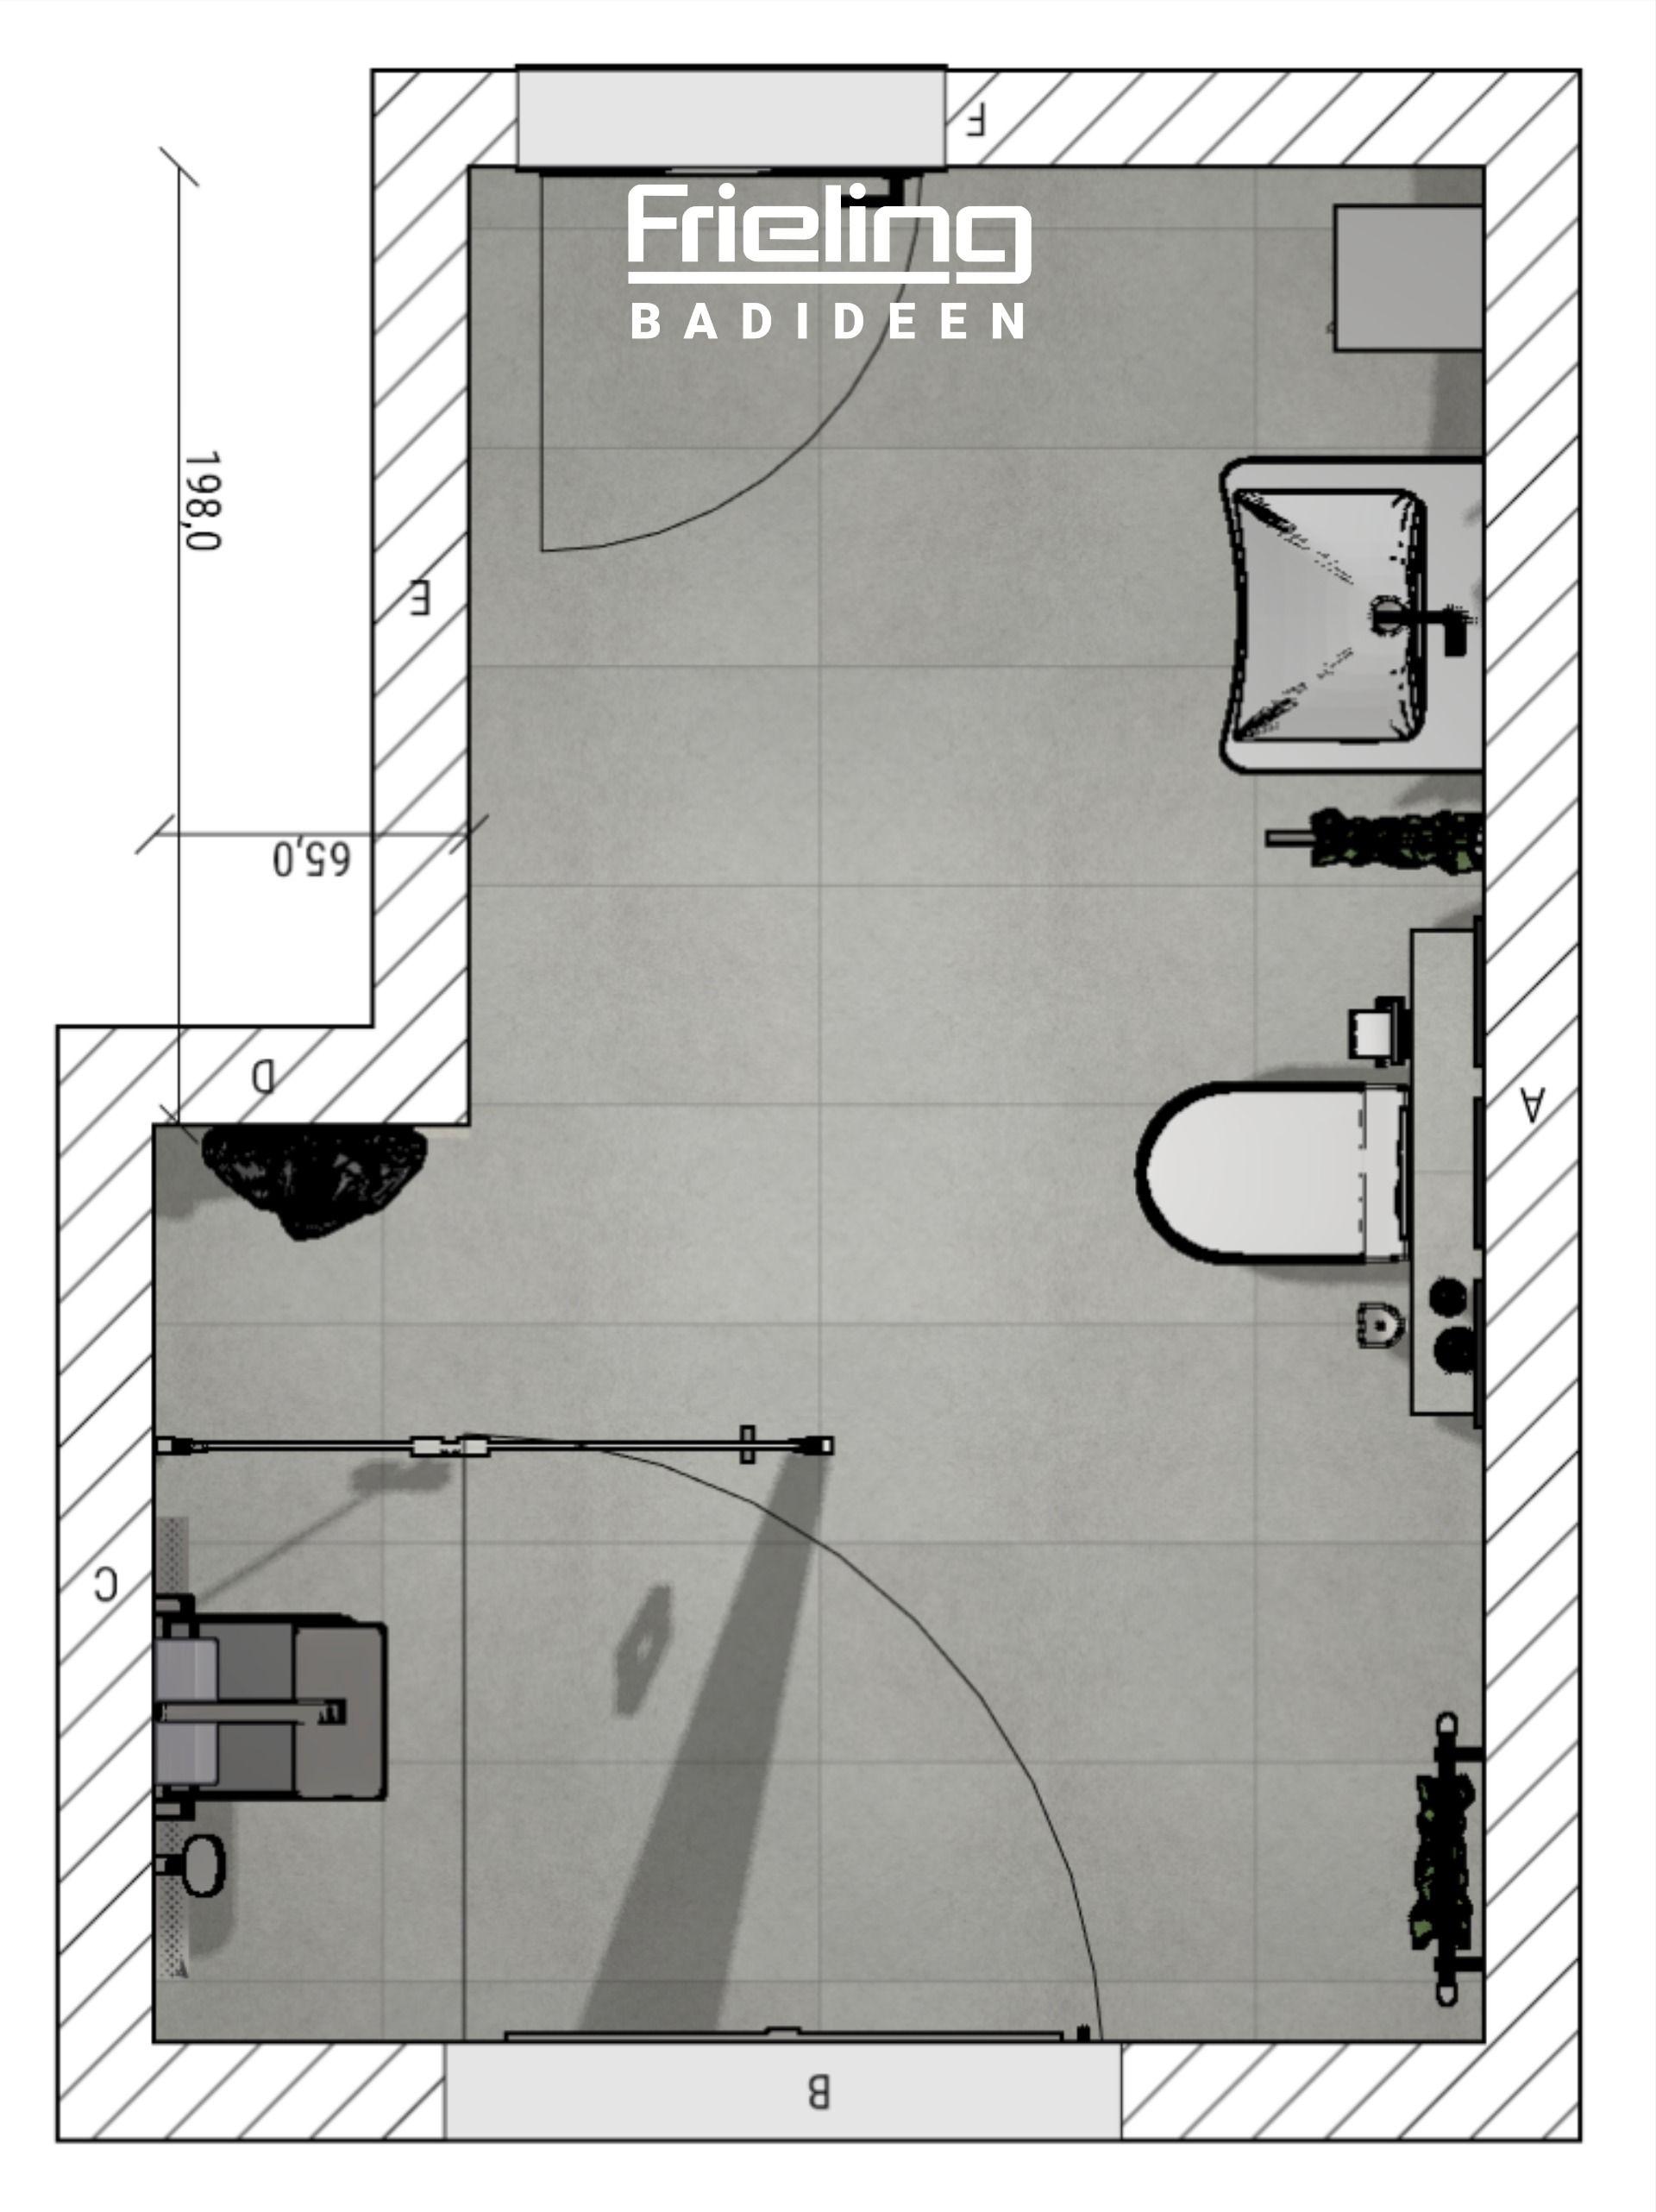 Das Barrierefreie Bad Mit Duschklappsitz 3d Vogelperspektive 9 Qm Badidee In 2020 Barrierefrei Bad Bad Grundriss Bad